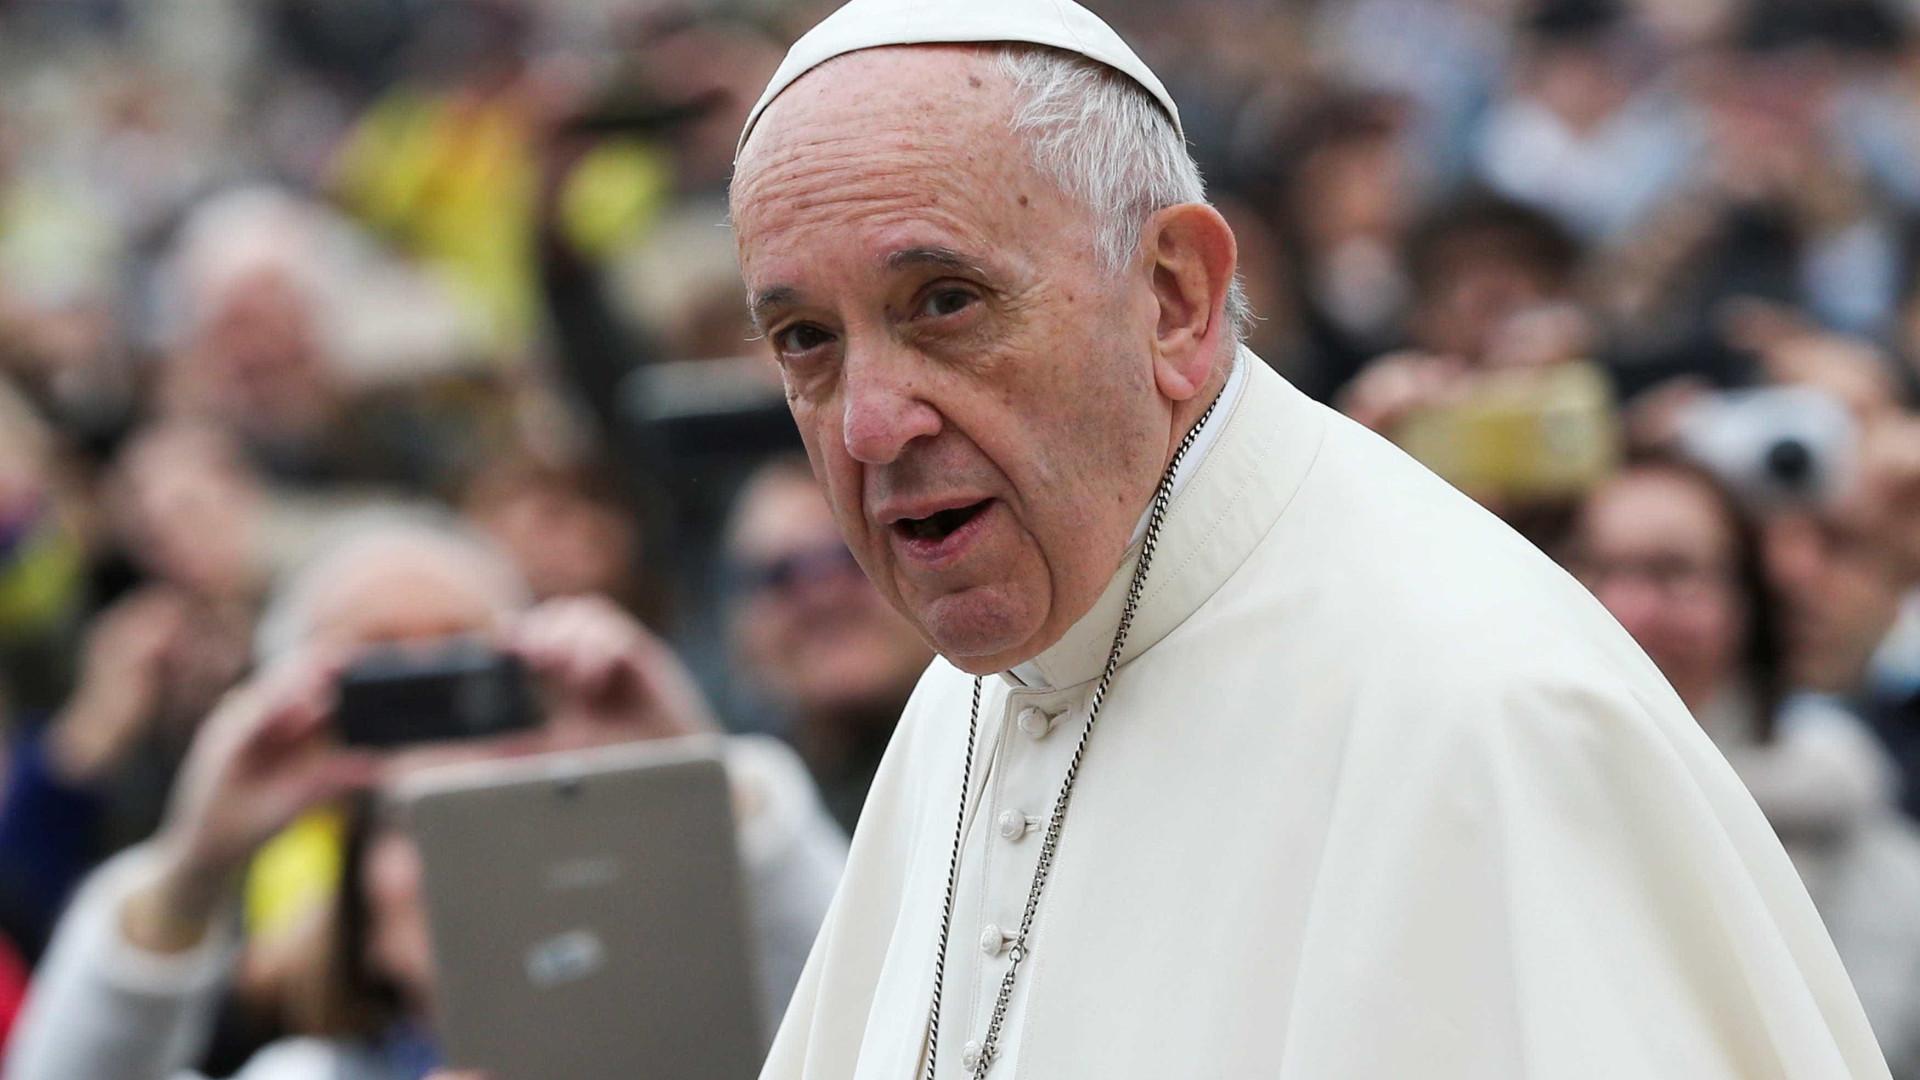 Papa adverte jovens contra populismo e sociedades fechadas